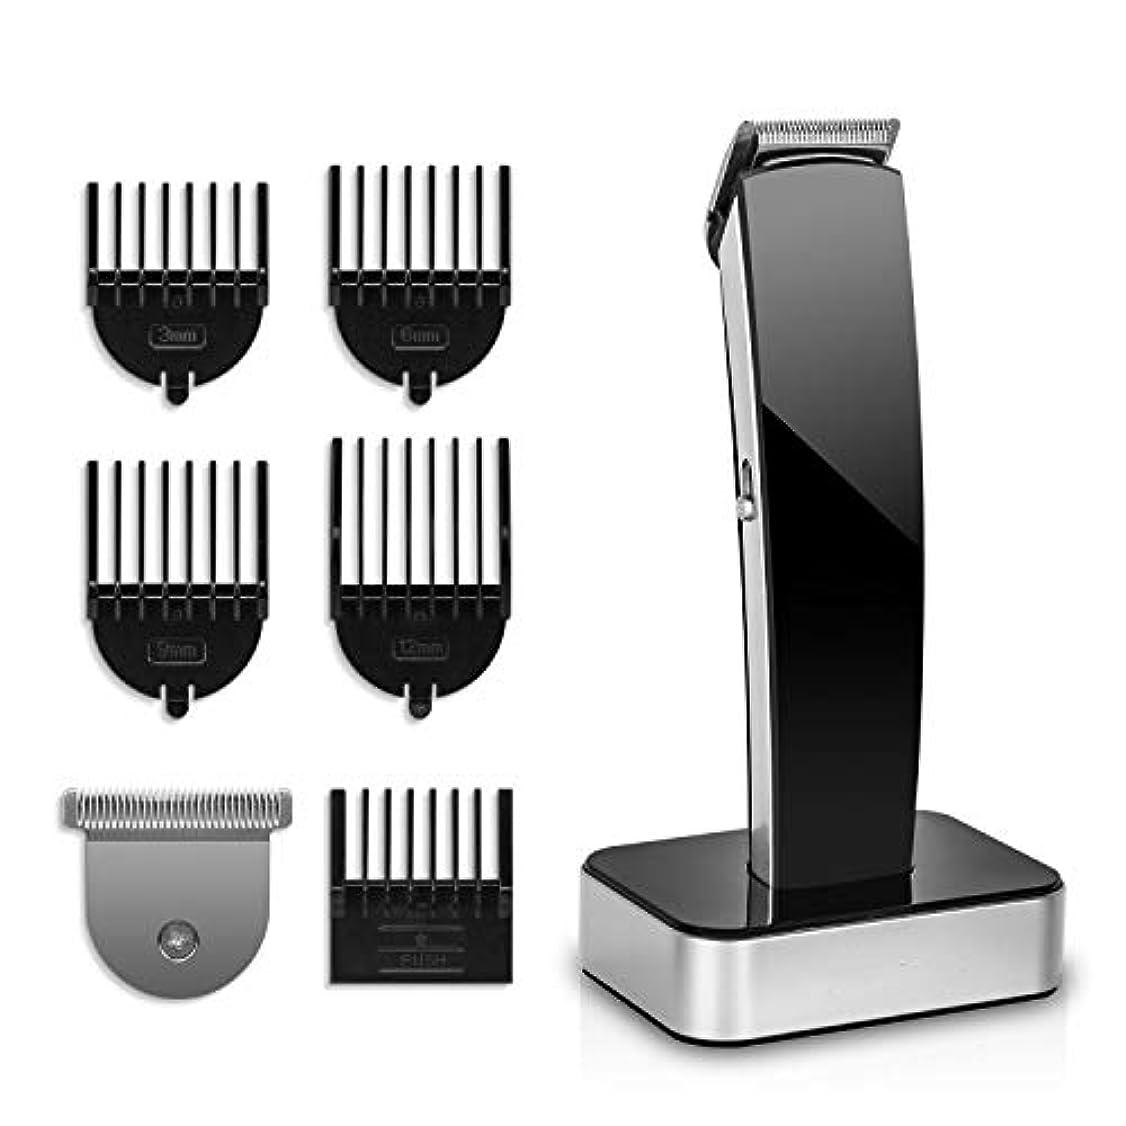 試す波紋からかう男性用電気シェーバー髭トリマー充電式ヘアトリマーコードレスバリカン電気シェーバーボディトリマーキット(交換可能なT/Uブレード付き)、5ブレードコム、クリーニングブラシ